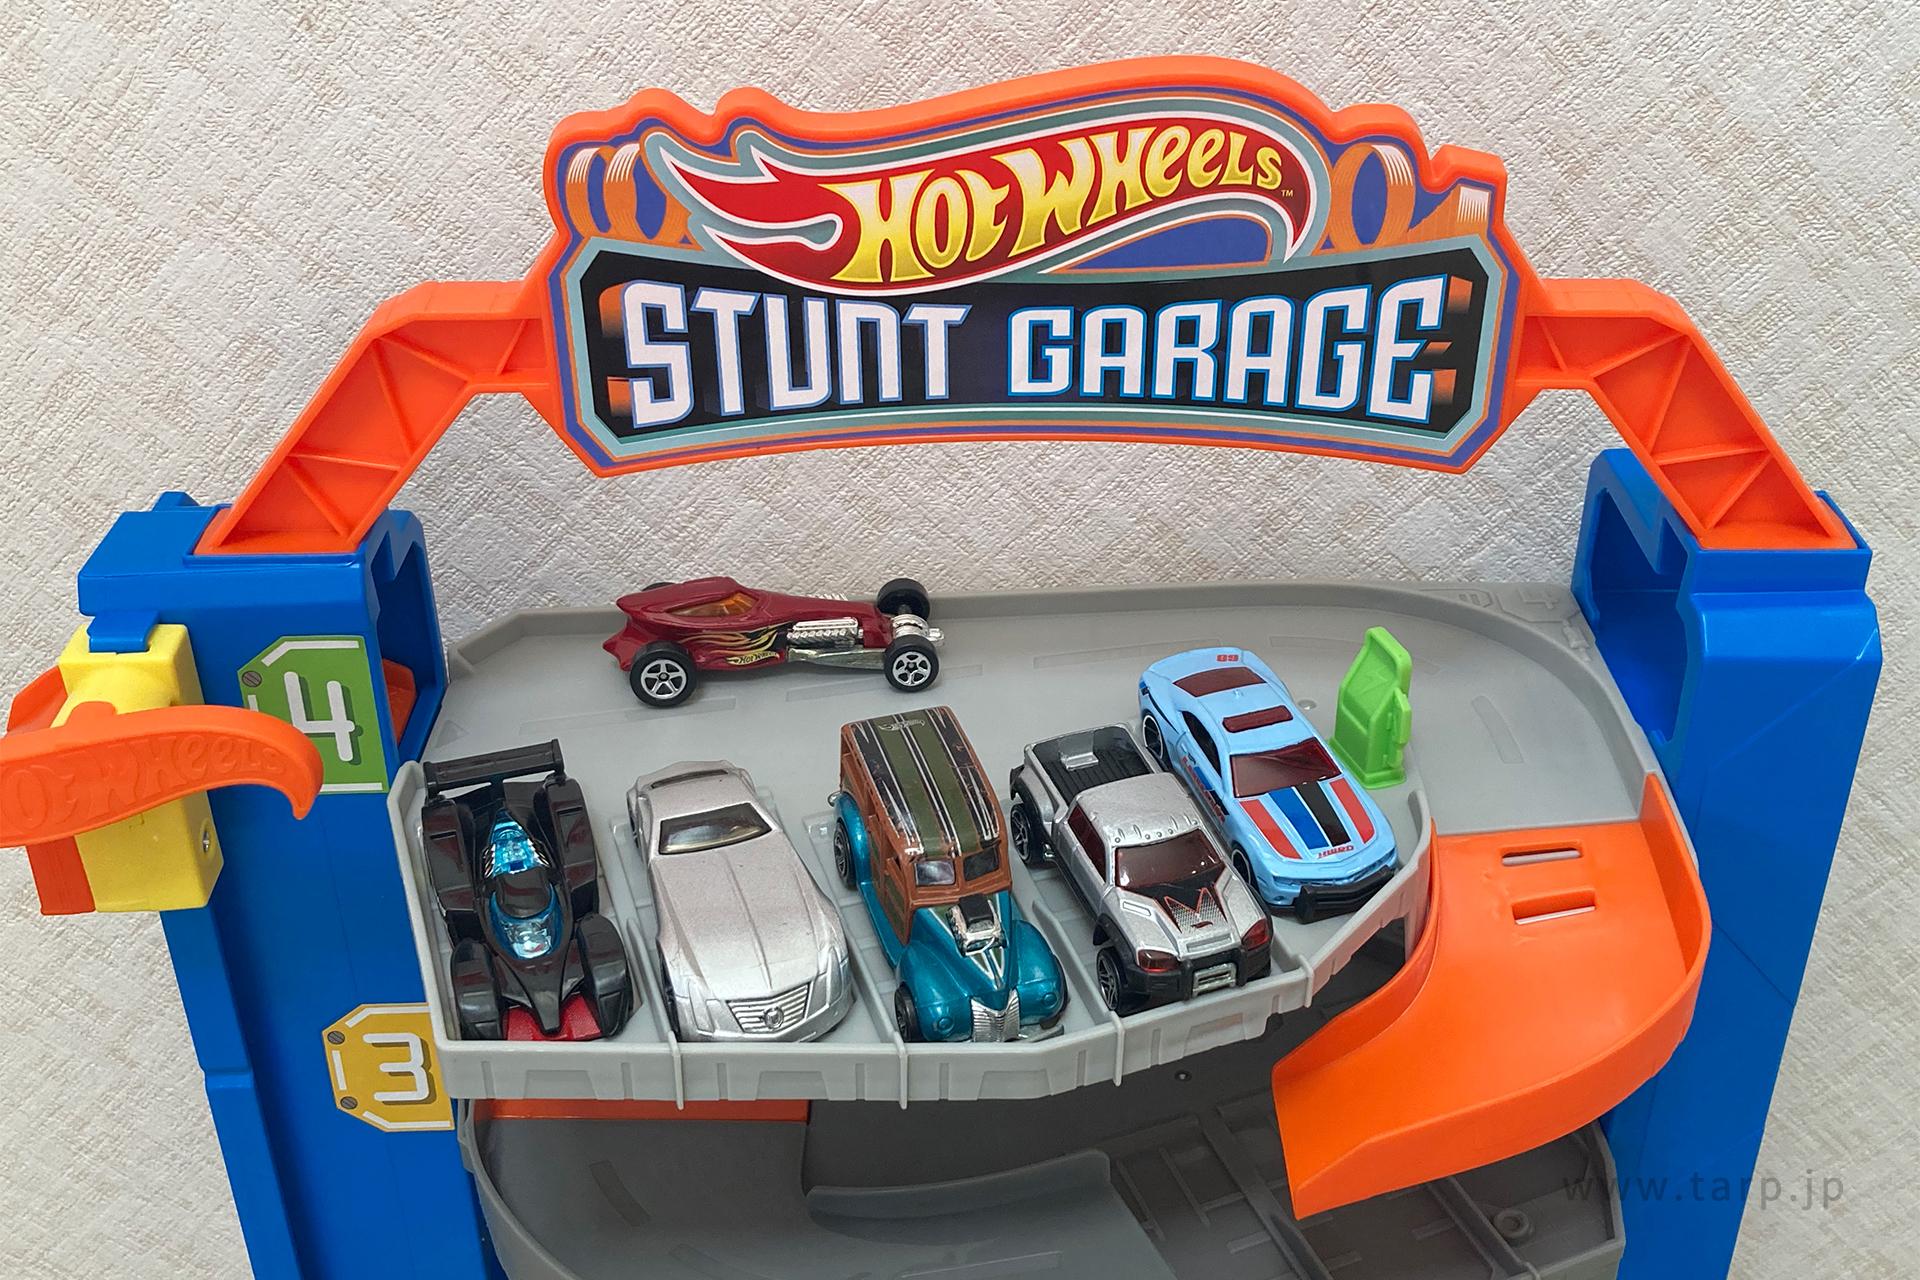 hotwheels-stunt-garage